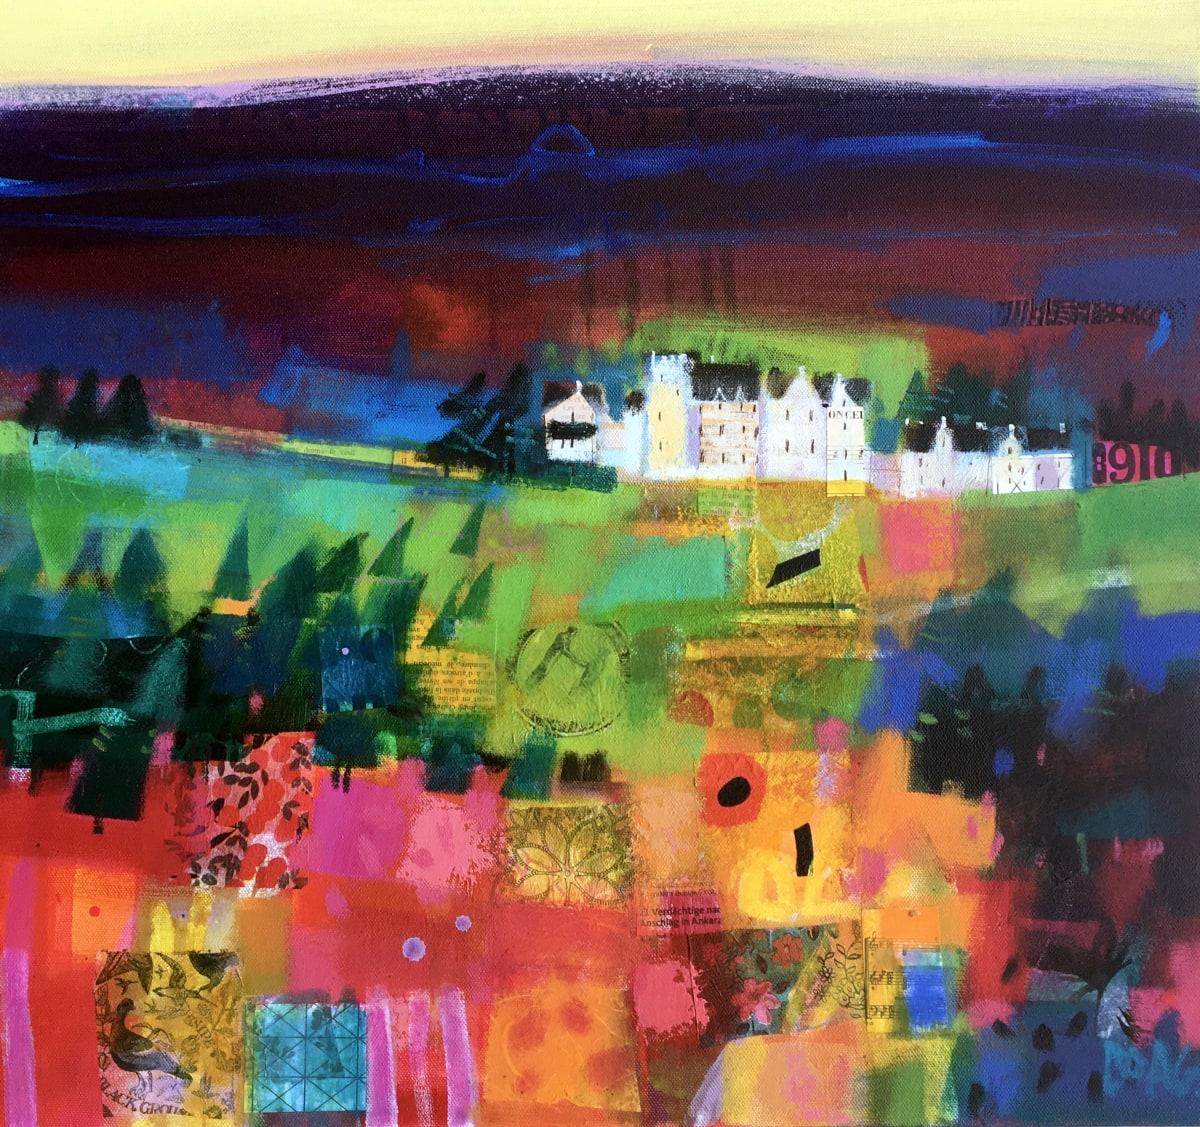 Blair Atholl morning by francis boag